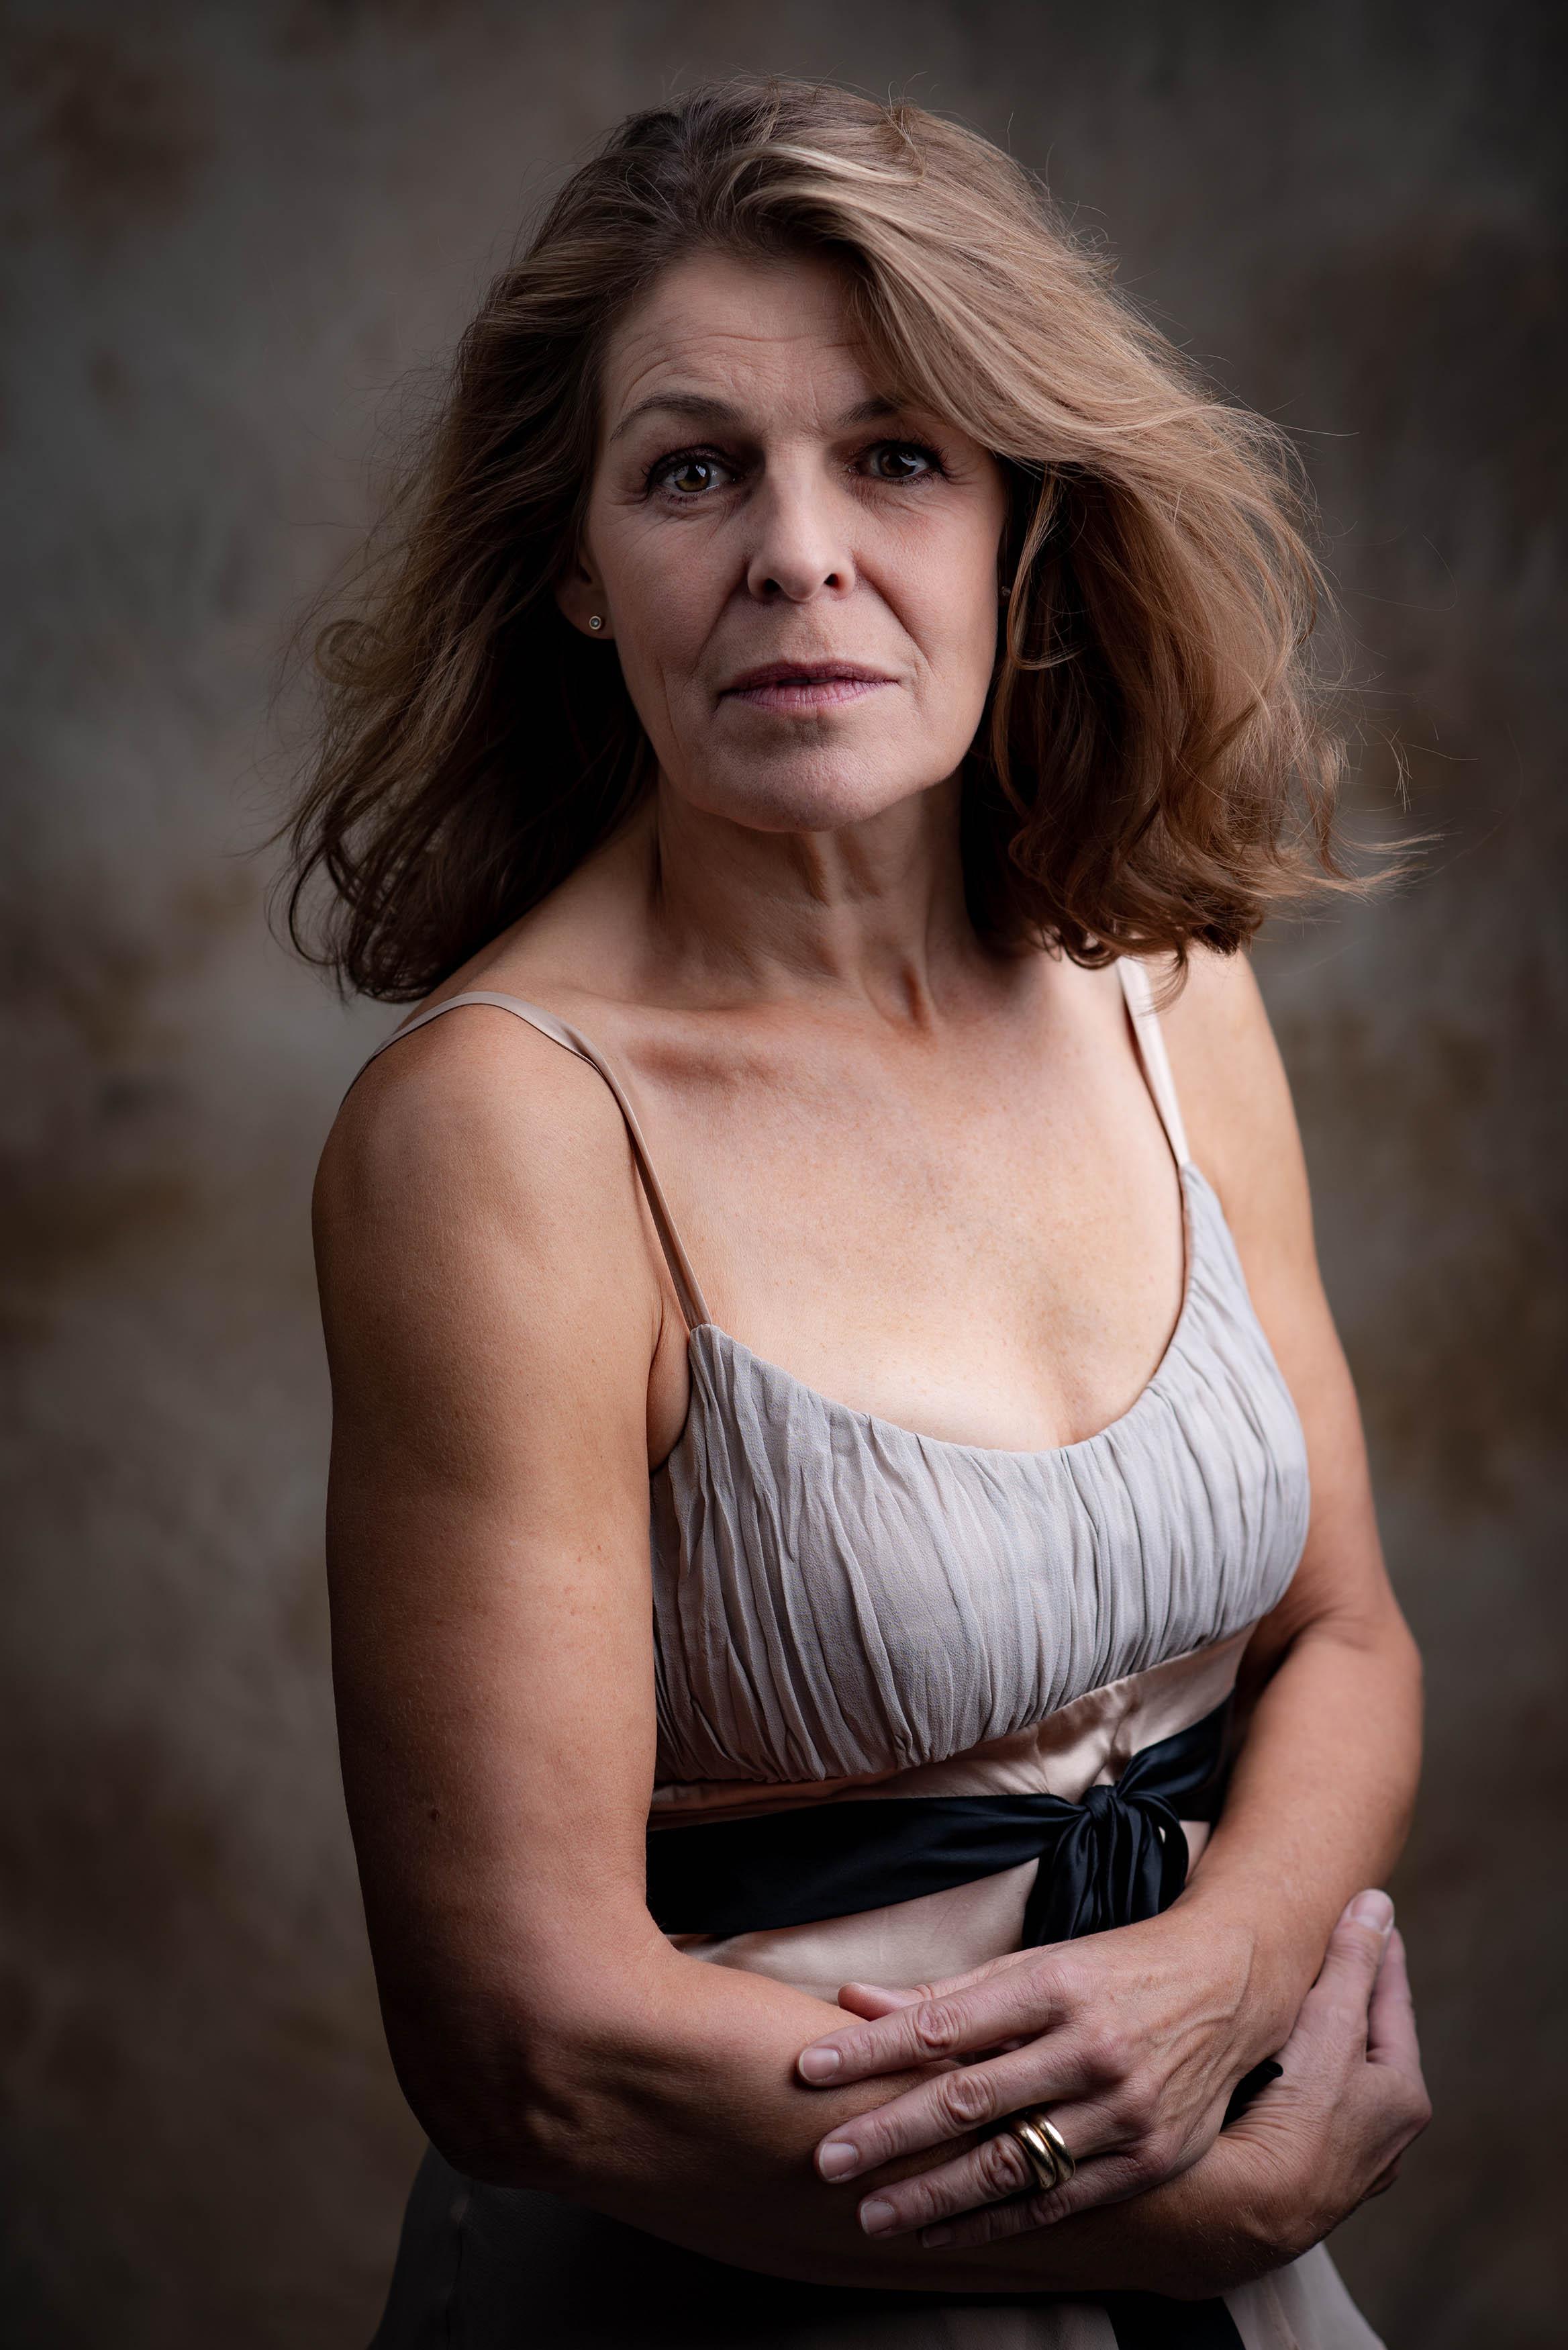 Lone Rasmussen Photography, www.lonerasmussenphotography.dk, portræt, portrætfotografi, kvinde, studieoptagelse, studiefotografi, kvinde